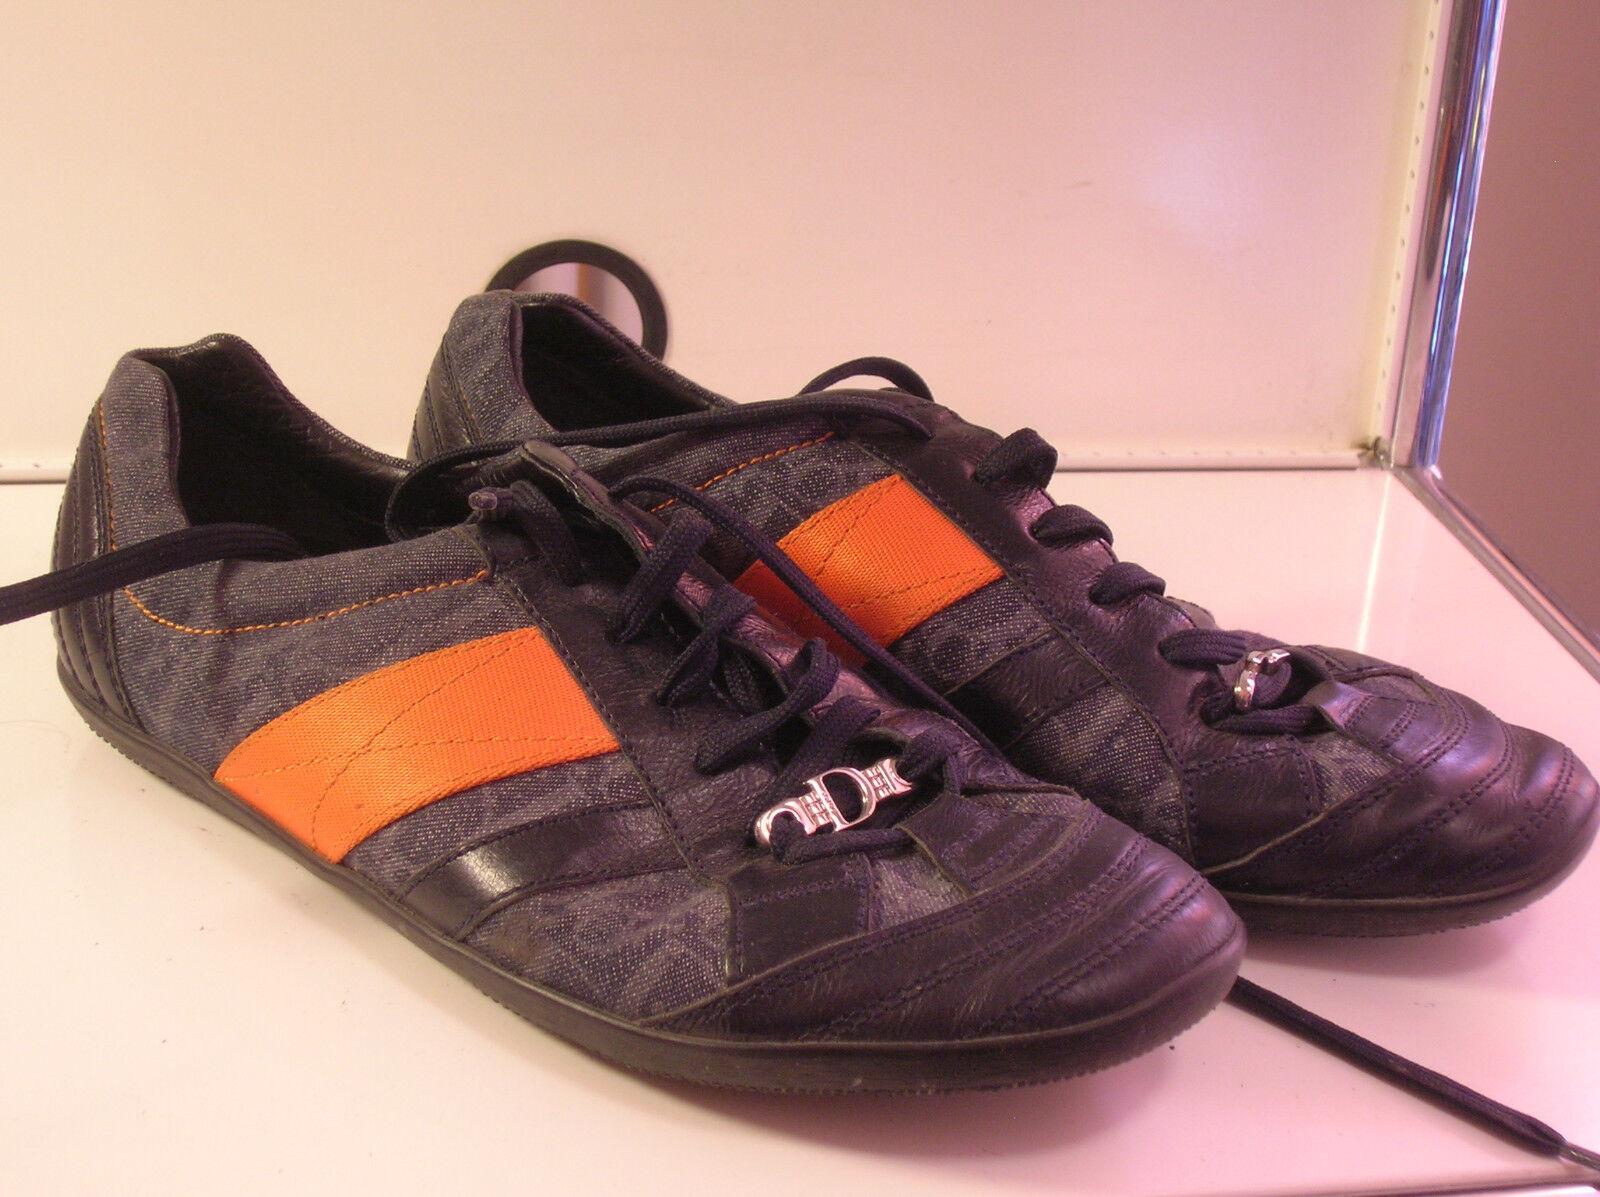 CHRISTIAN DIOR original Design-Sneaker Jeans Gr. 40,5 10wenig getragen  NP 500.-